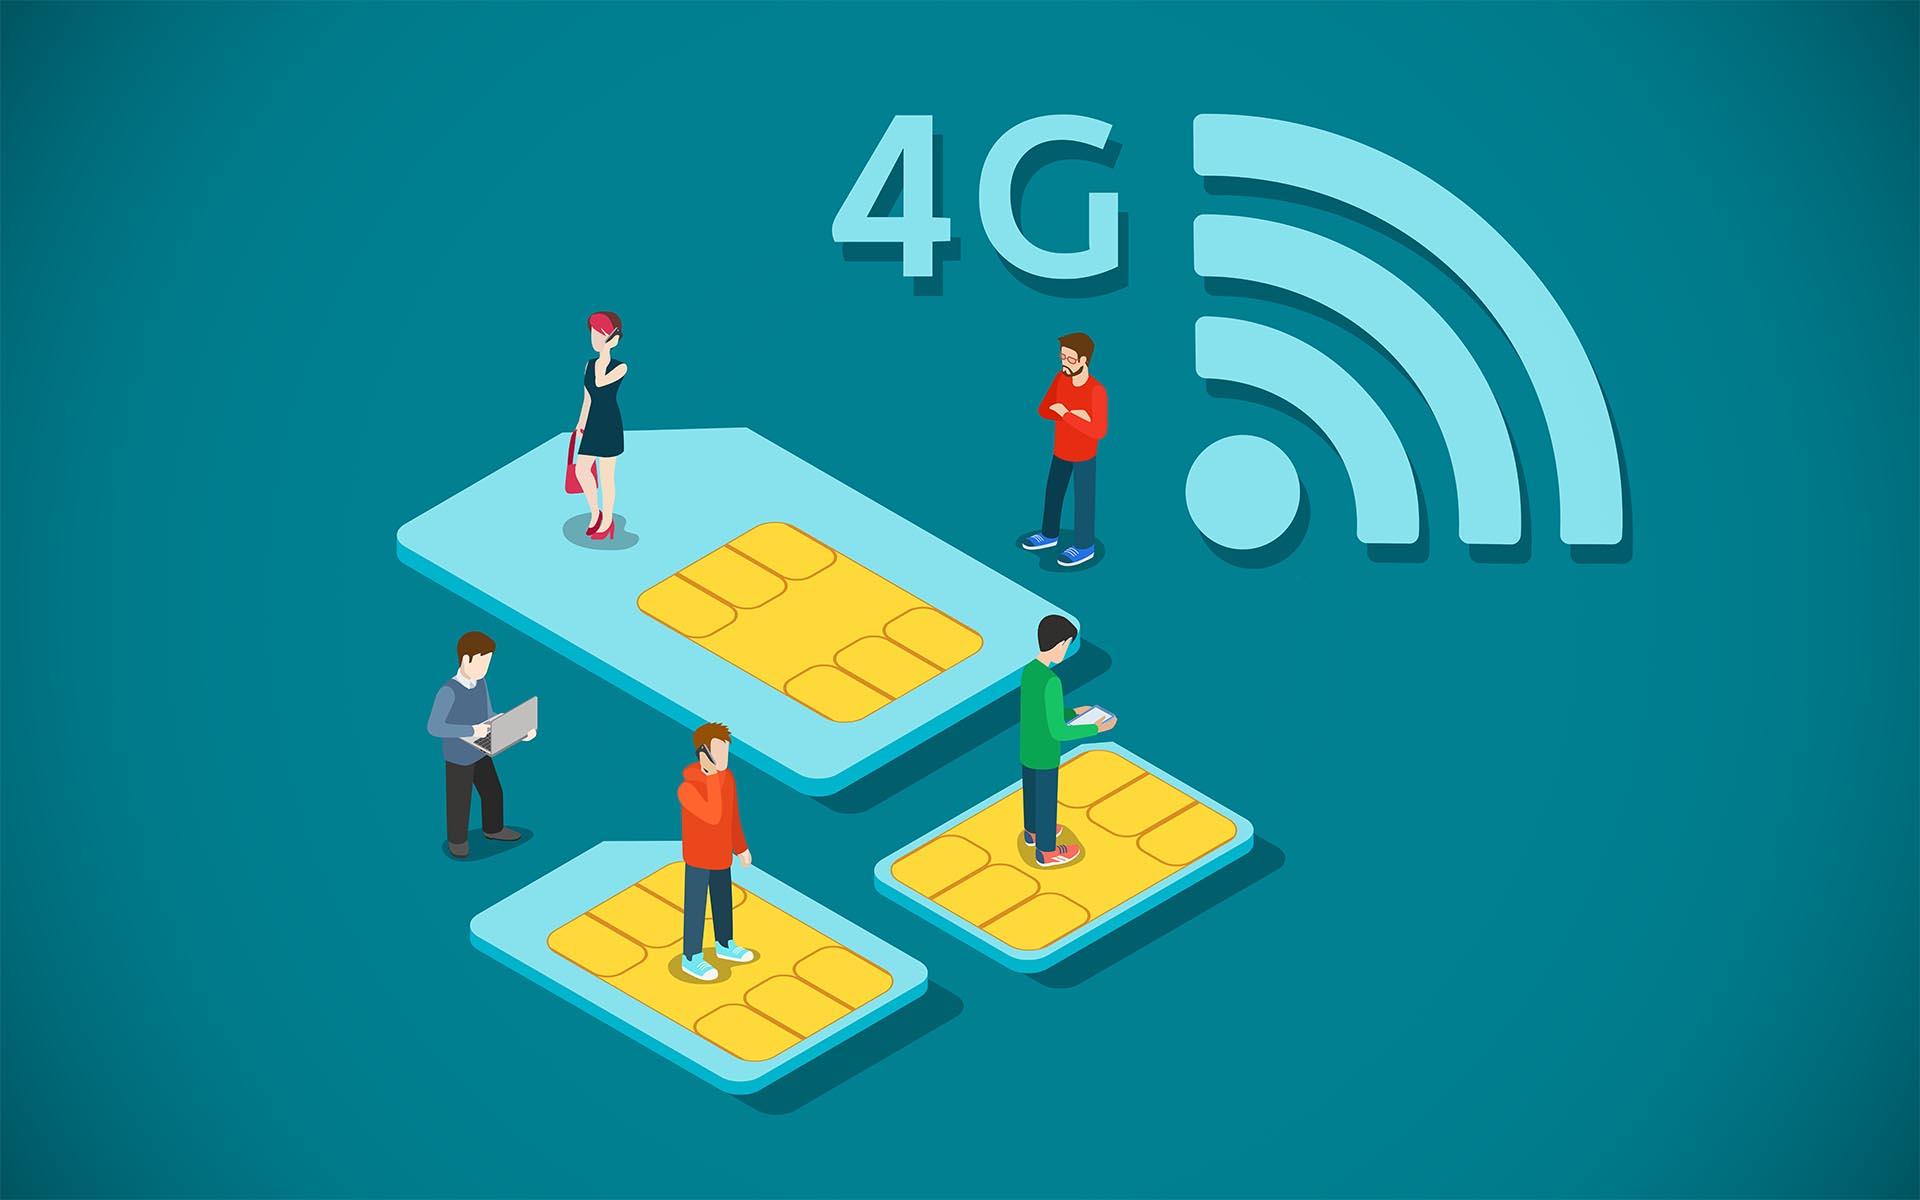 Góc giải ngố: 4G là gì? Vì sao ai cũng muốn dùng 4G